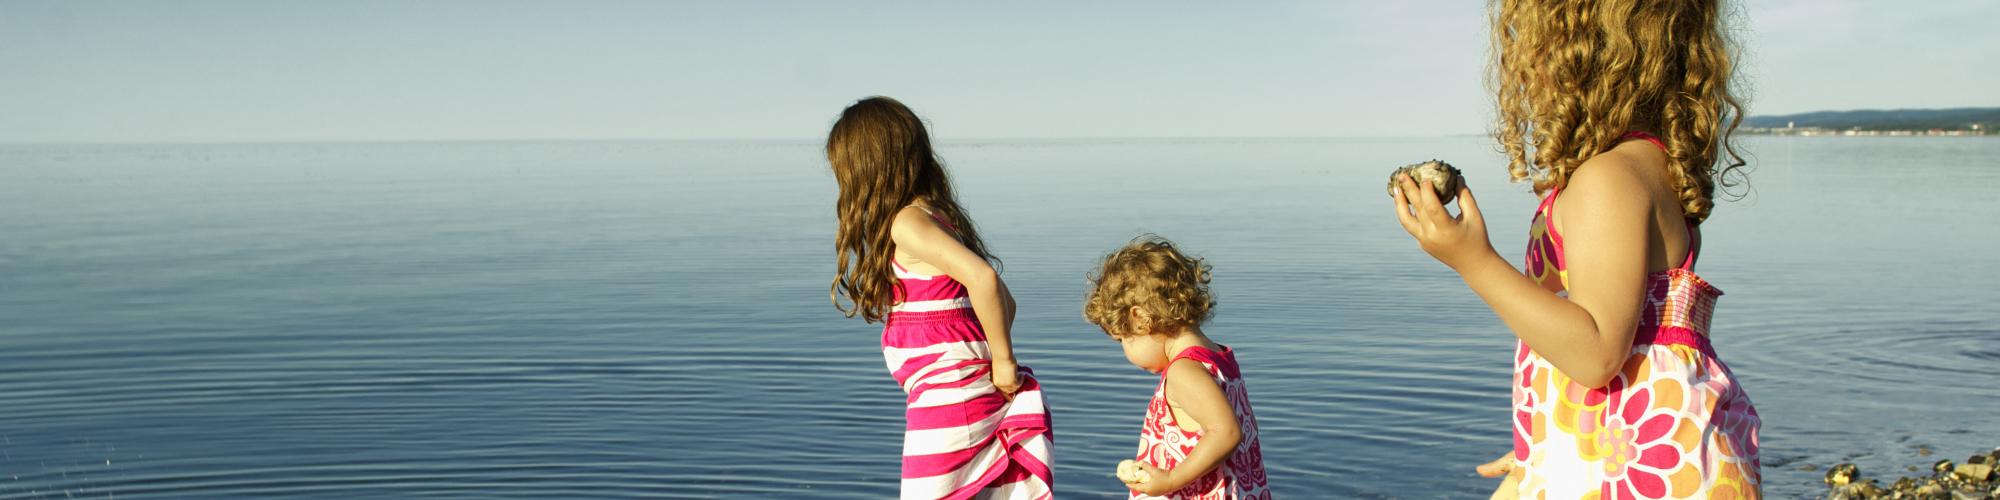 3 petites filles jouant sur la page, près de l'eau